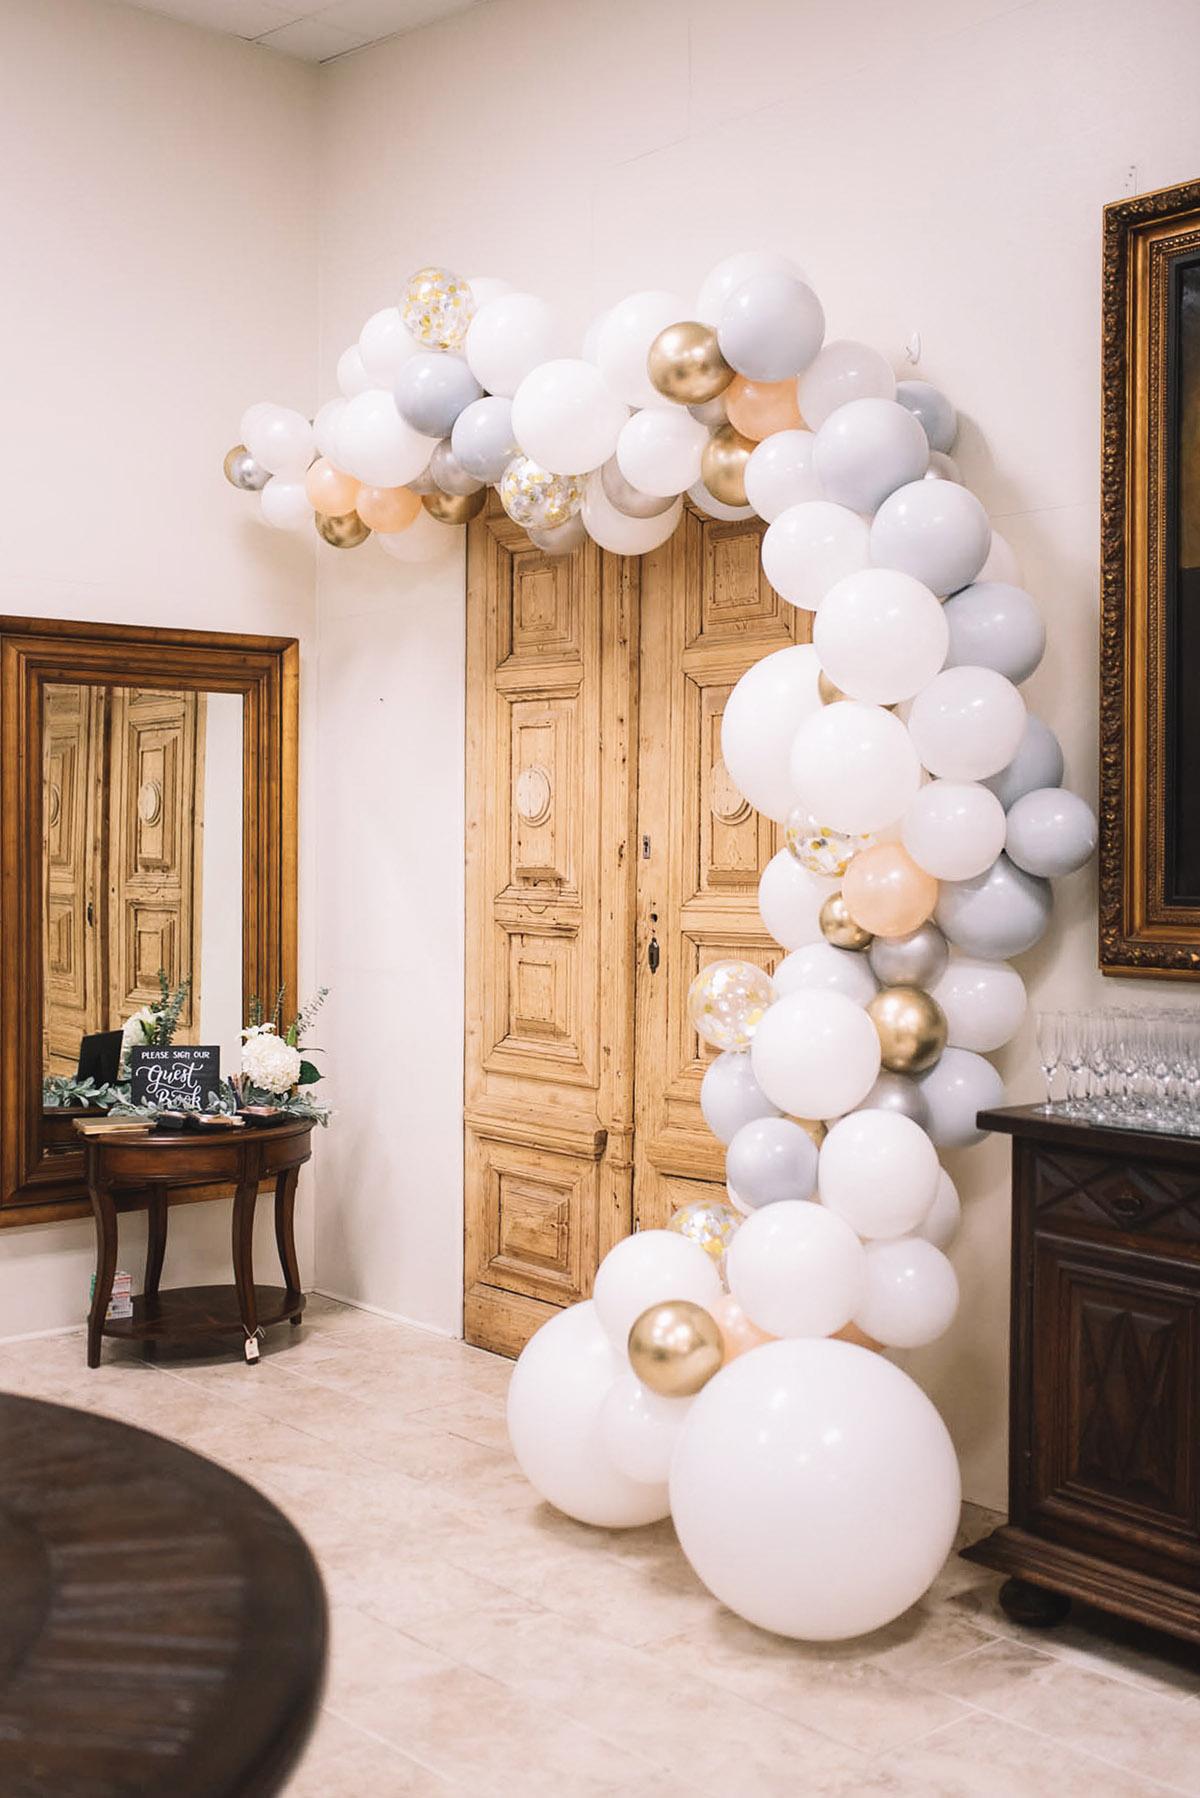 Baby Shower Brunch Details | Baby Shower Balloon Garland